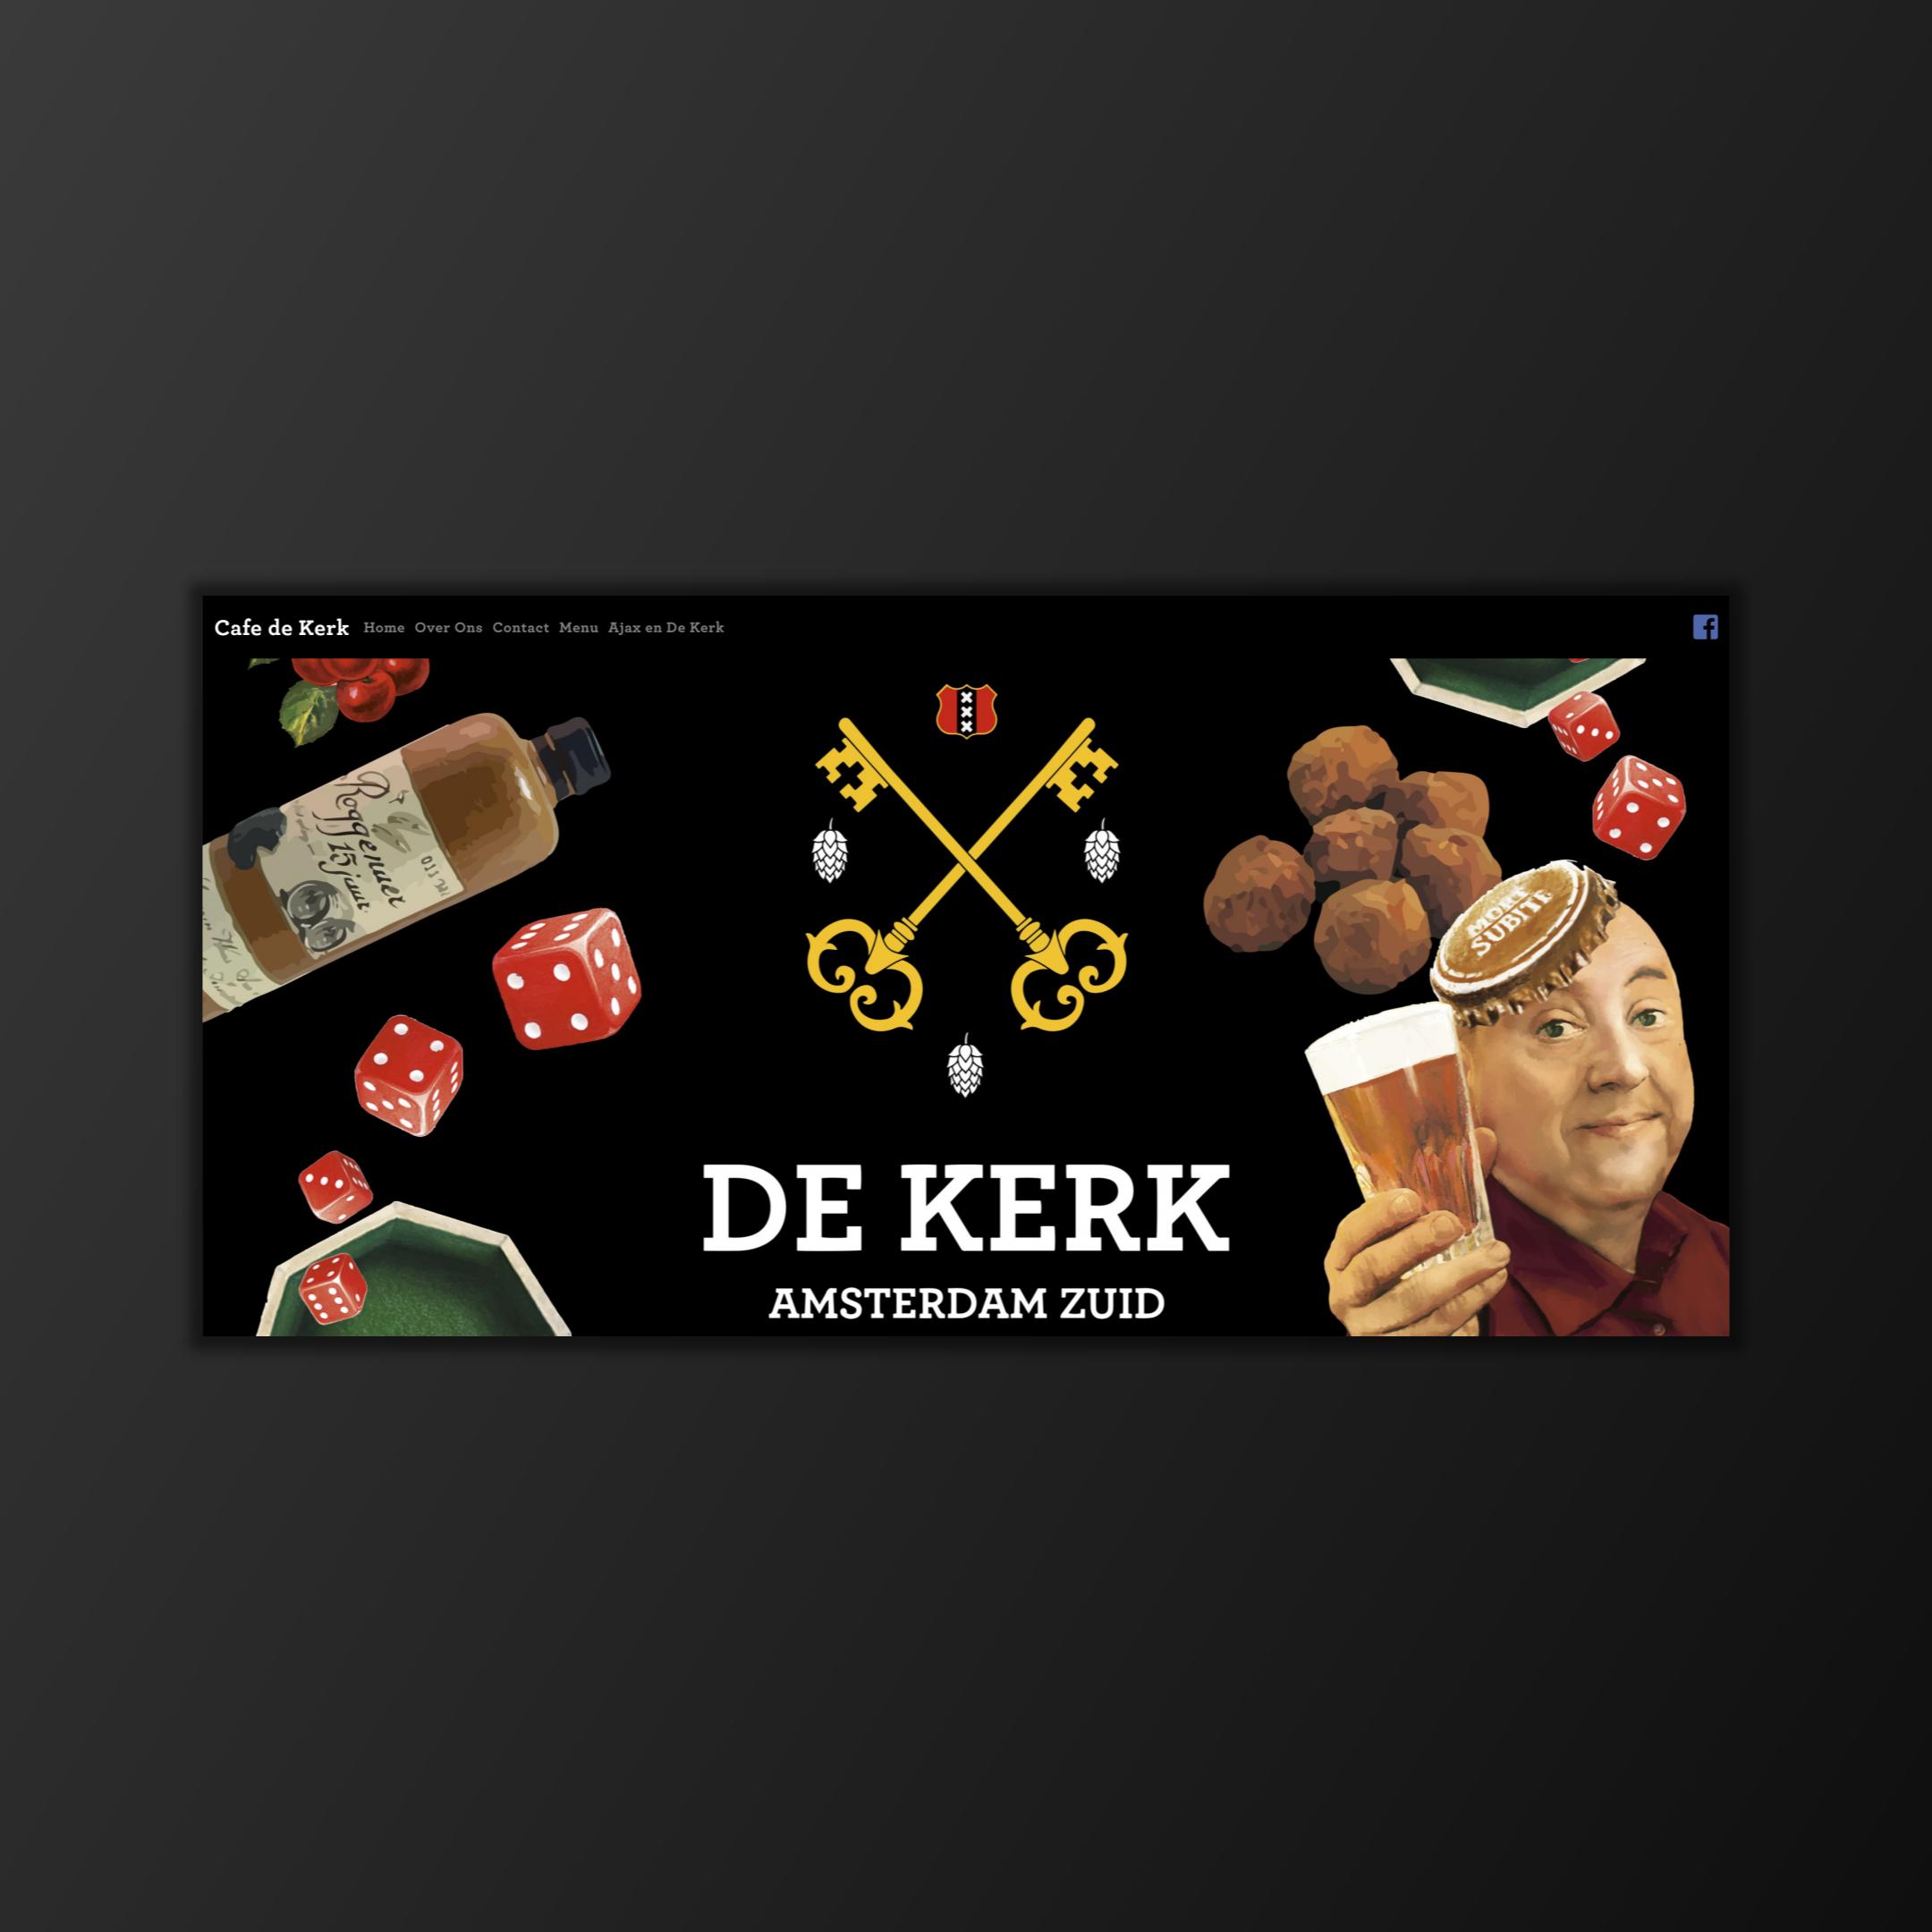 Cafe de Kerk